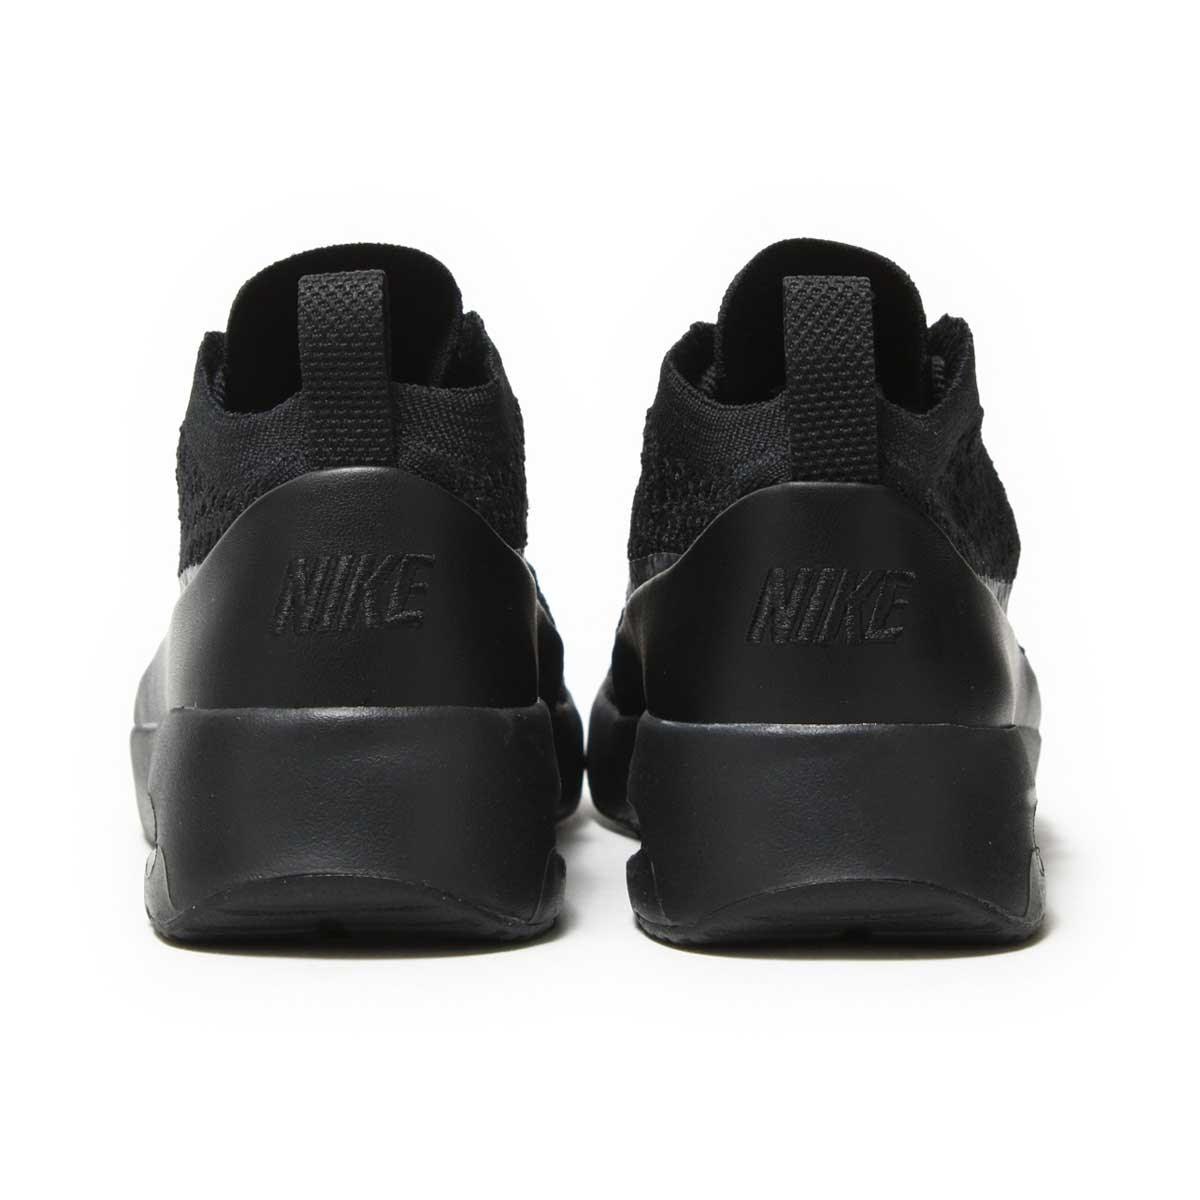 1b7a3f649a8 NIKE W AIR MAX THEA ULTRA FK (Nike women Air Max Shea ultra FK) BLACK DARK  GREY 17HO-I